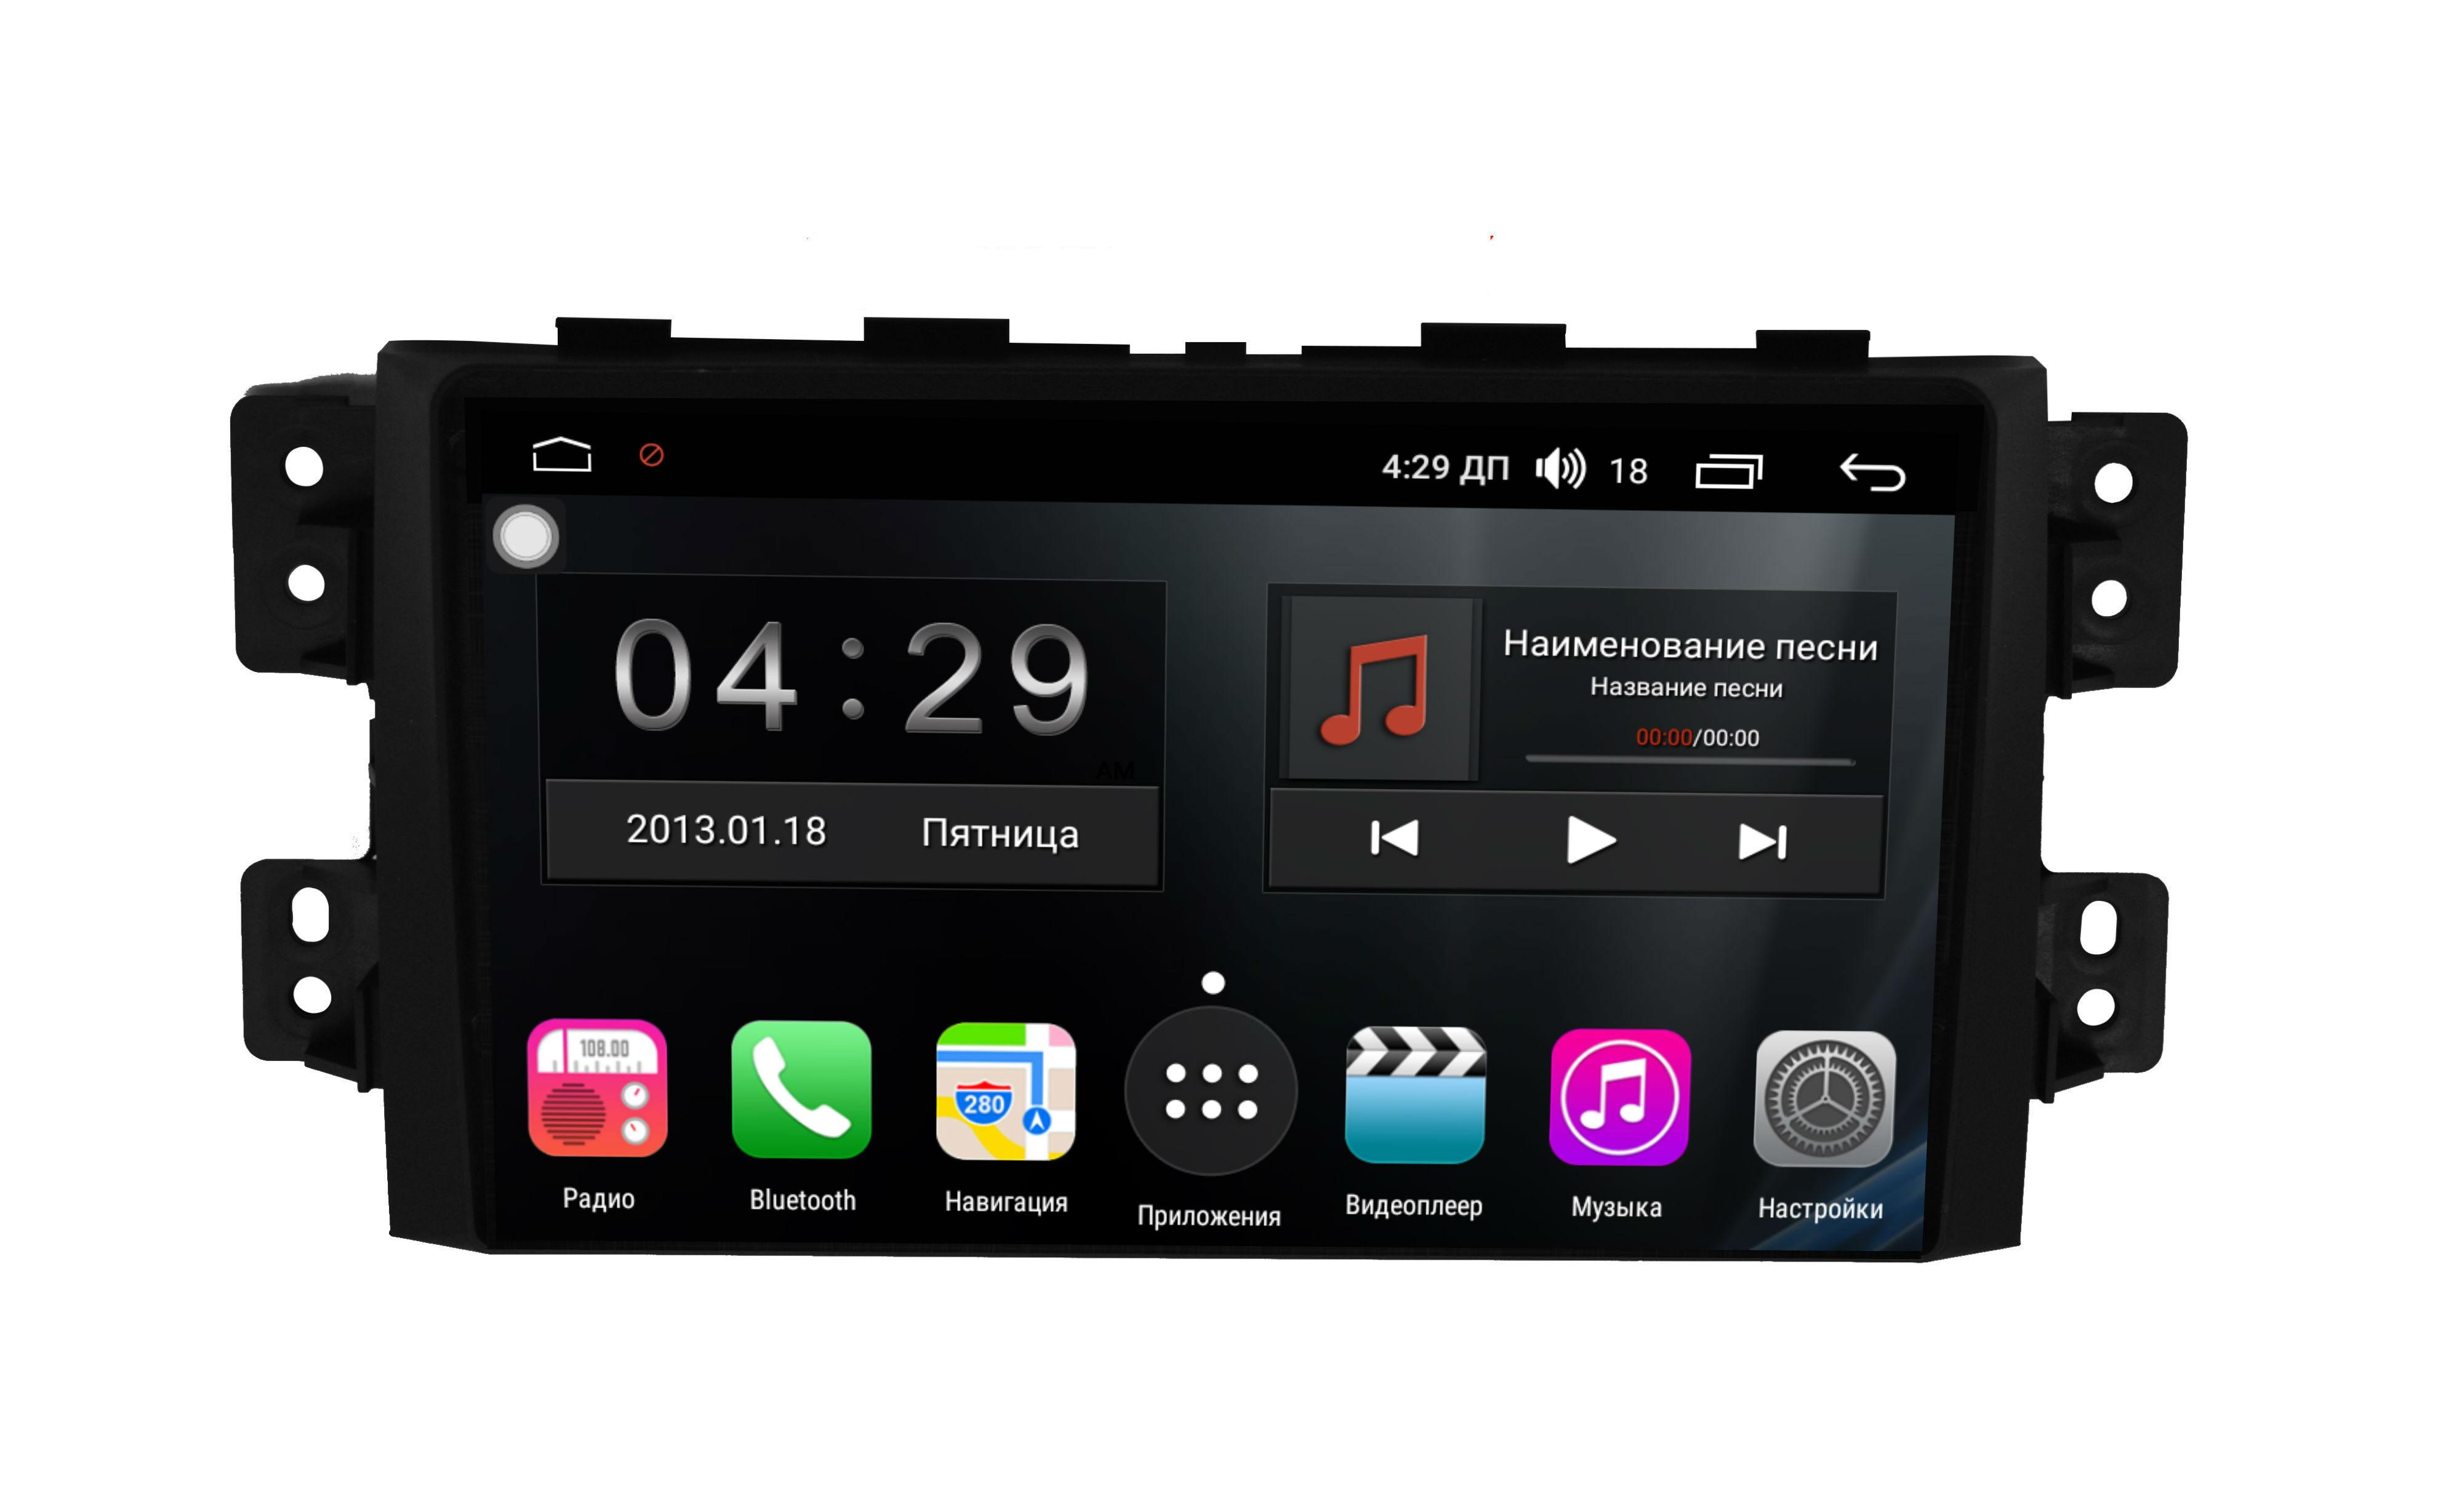 Штатная магнитола FarCar s300-SIM 4G для KIA Mohave на Android (RG465R) (+ Камера заднего вида в подарок!)